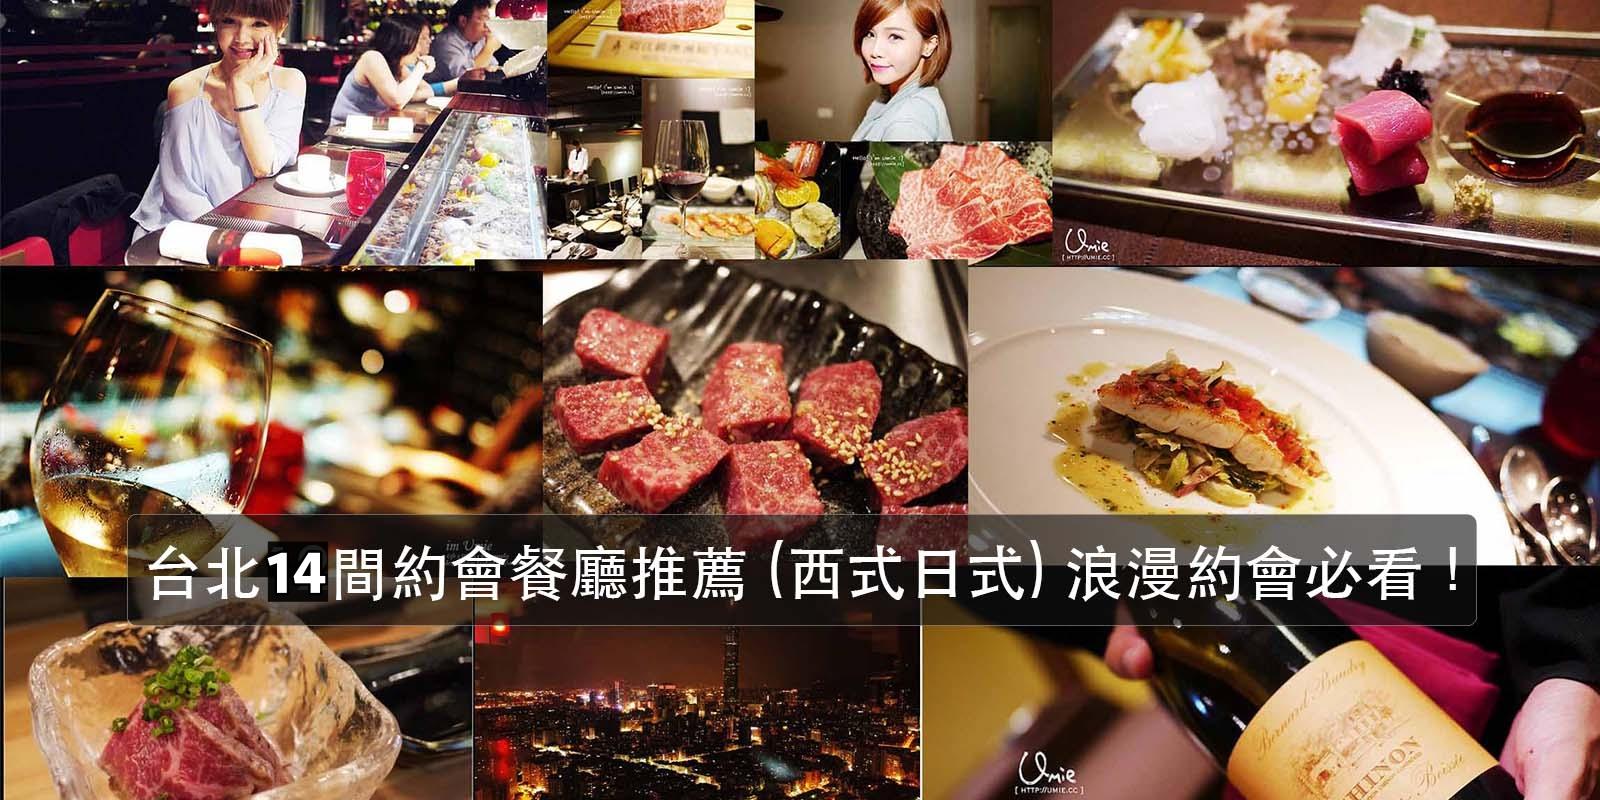 台北 14 間約會餐廳推薦 (西式日式) 浪漫約會必看!(求婚紀念日|告白|情人節|聖誕節推薦)